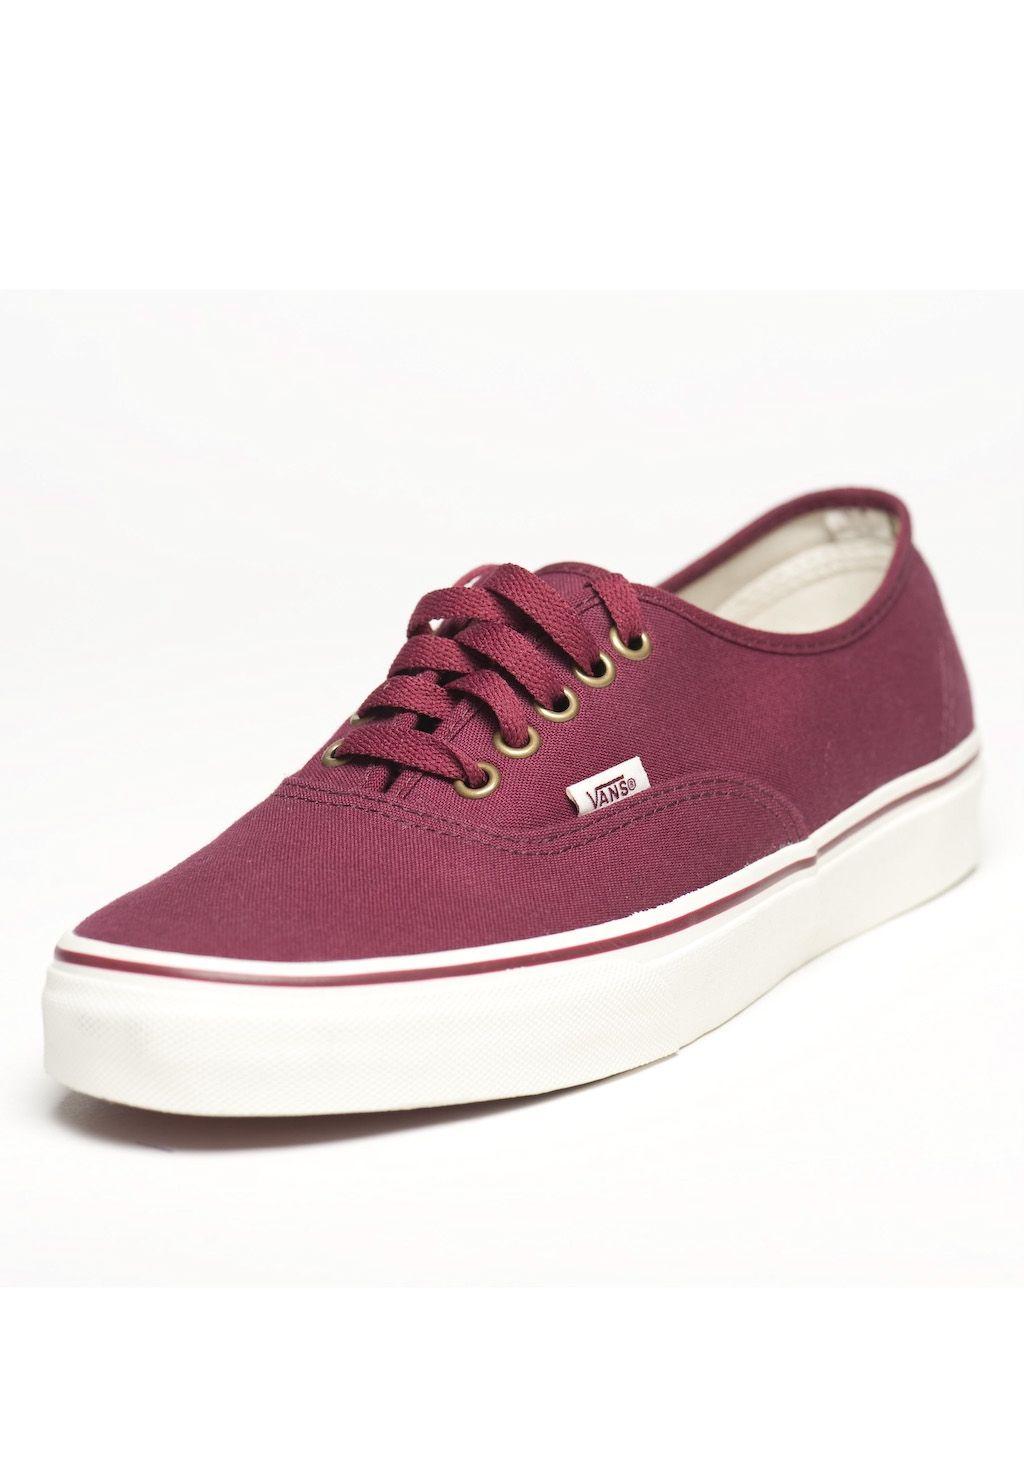 Vans Authentic bordeau | Chaussure, Mode